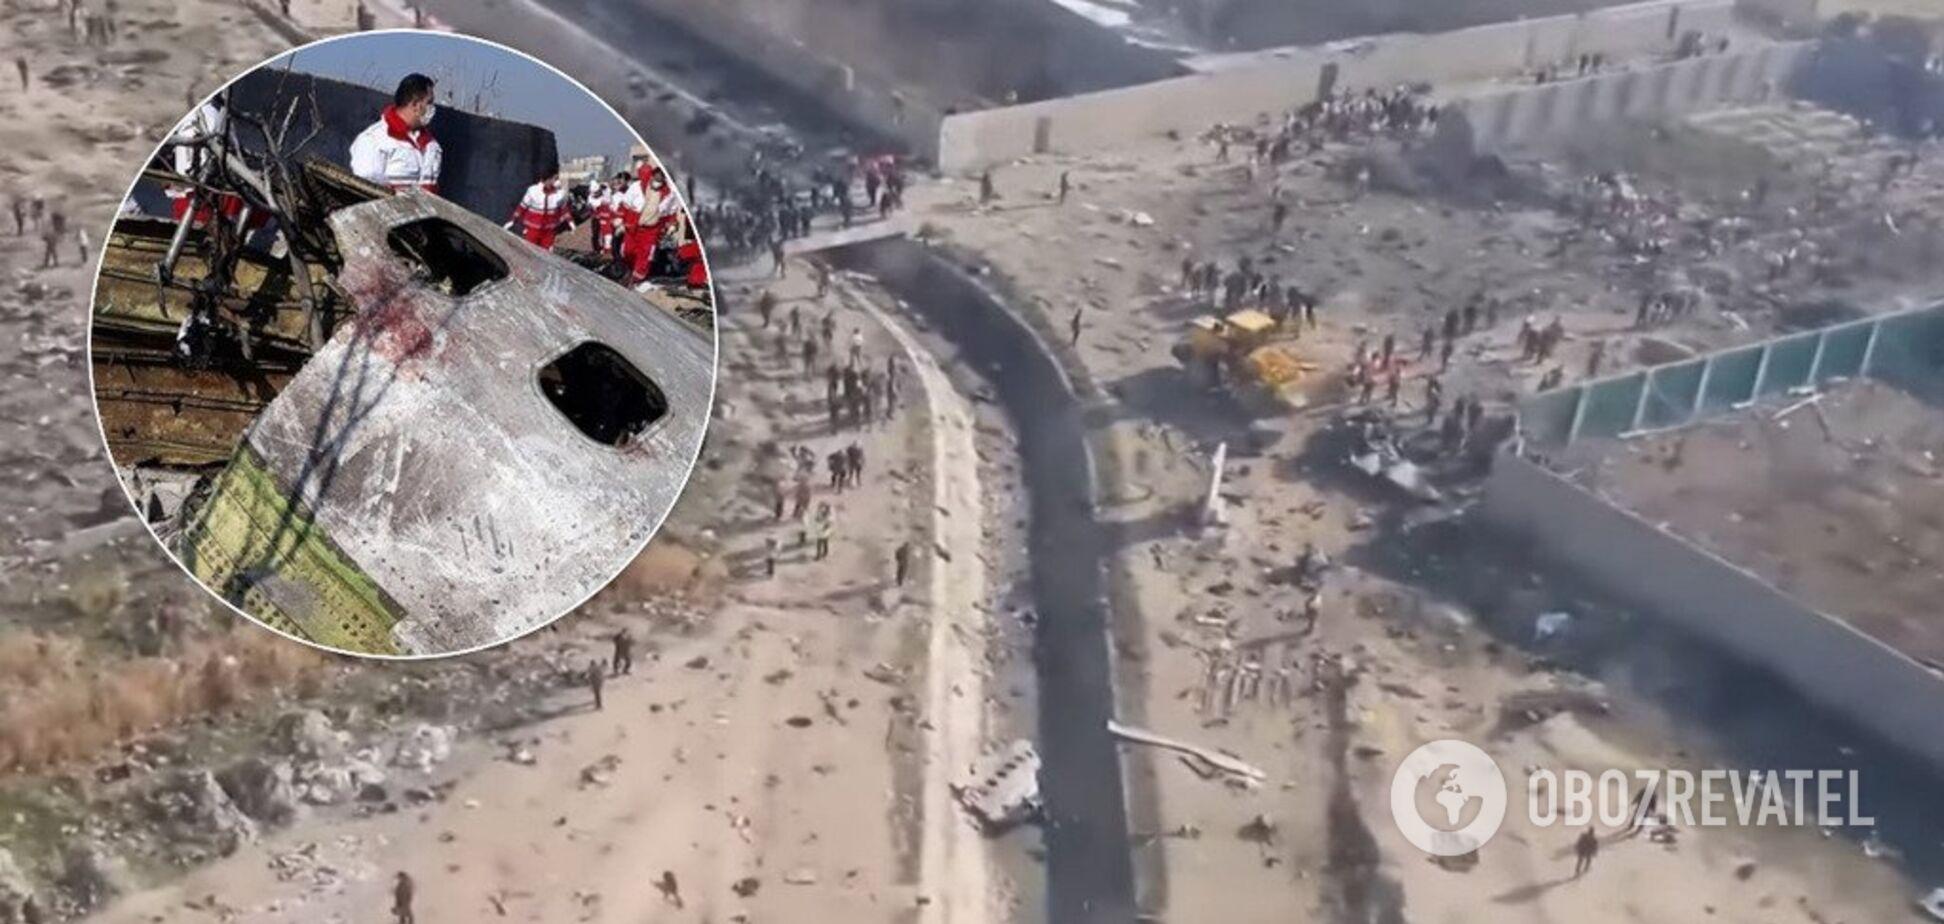 Місце падіння українського пасажирського літака